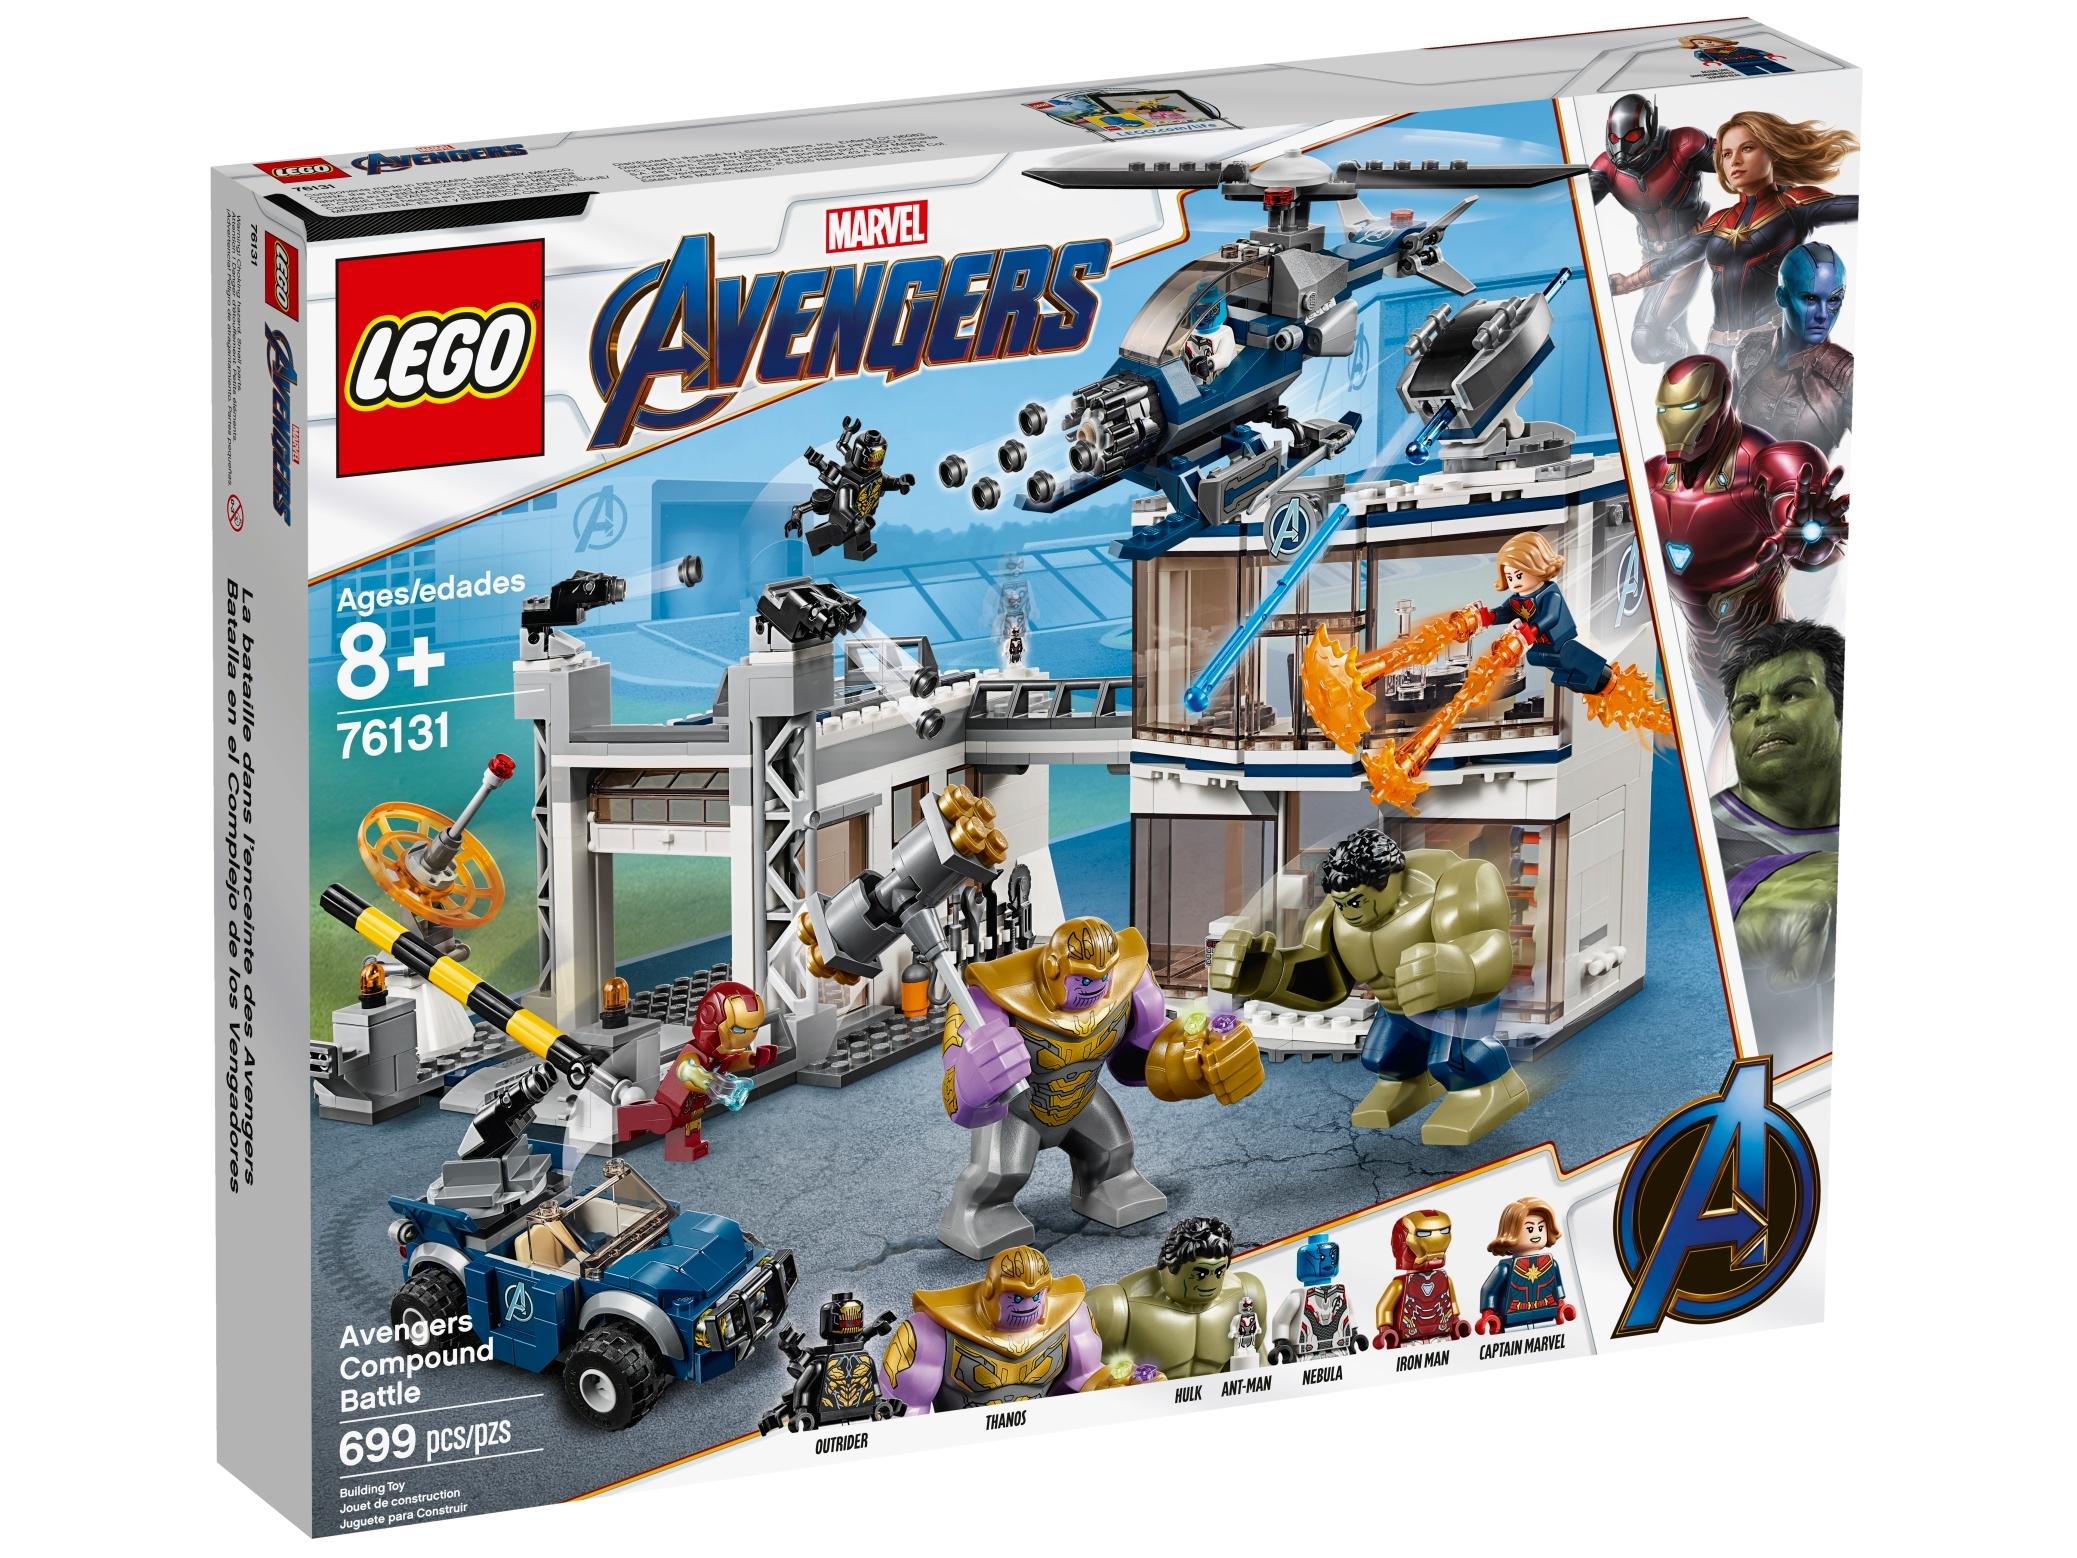 LEGO Marvel Super Heroes Nebula MINIFIG from Lego set #76131 Brand New